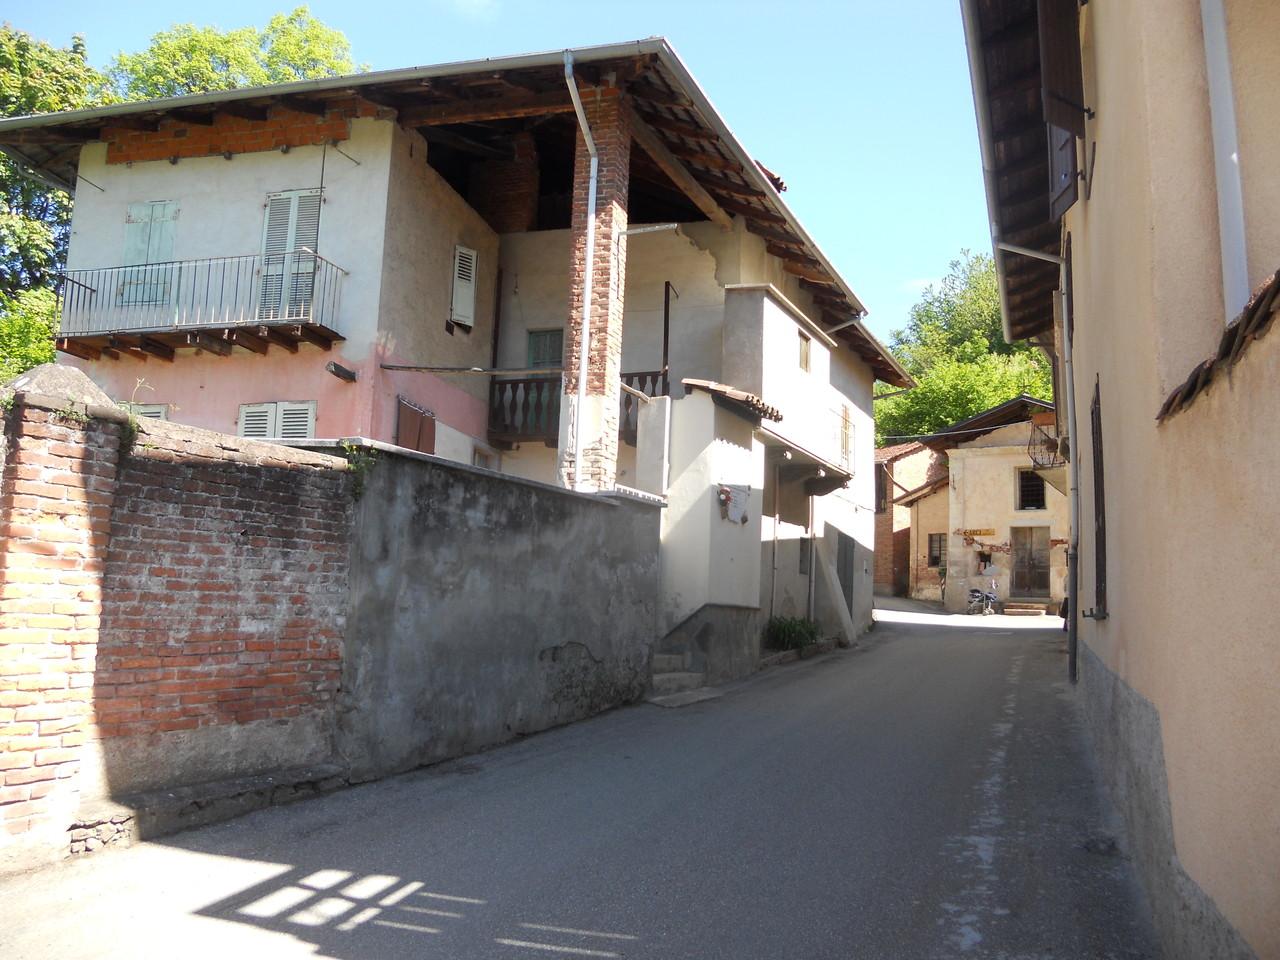 La via principale di Santa Maria di Curino: sulla sinistra l'edificio che nel 1944 ospitava l'osteria di Silvio Locca